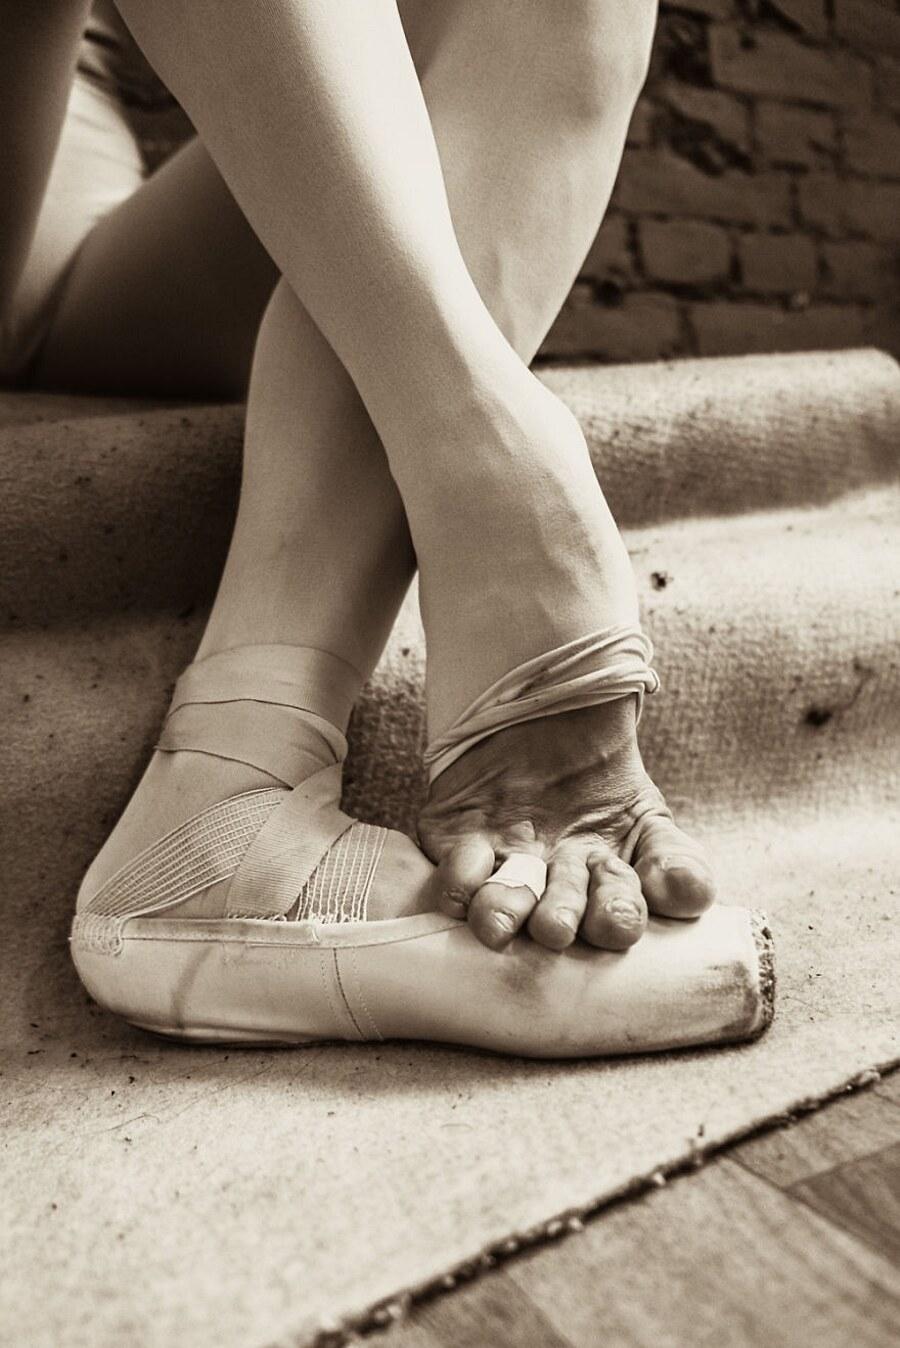 fotografia-ritratti-ballerini-classici-russia-dietro-le-quinte-darian-volkova-302